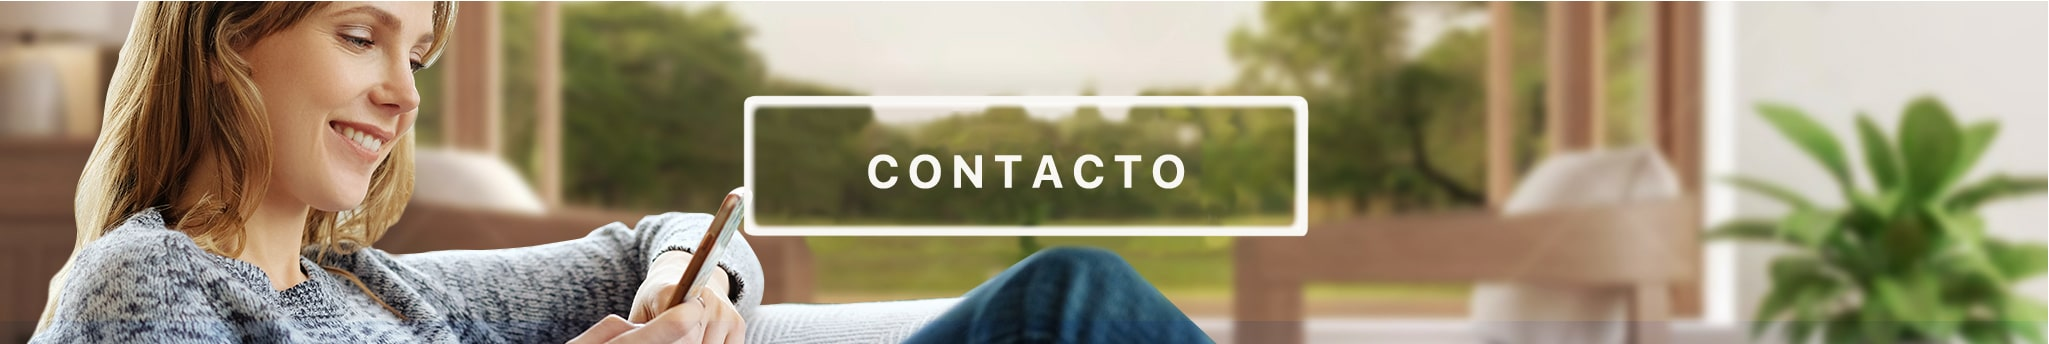 contacto2-1-min